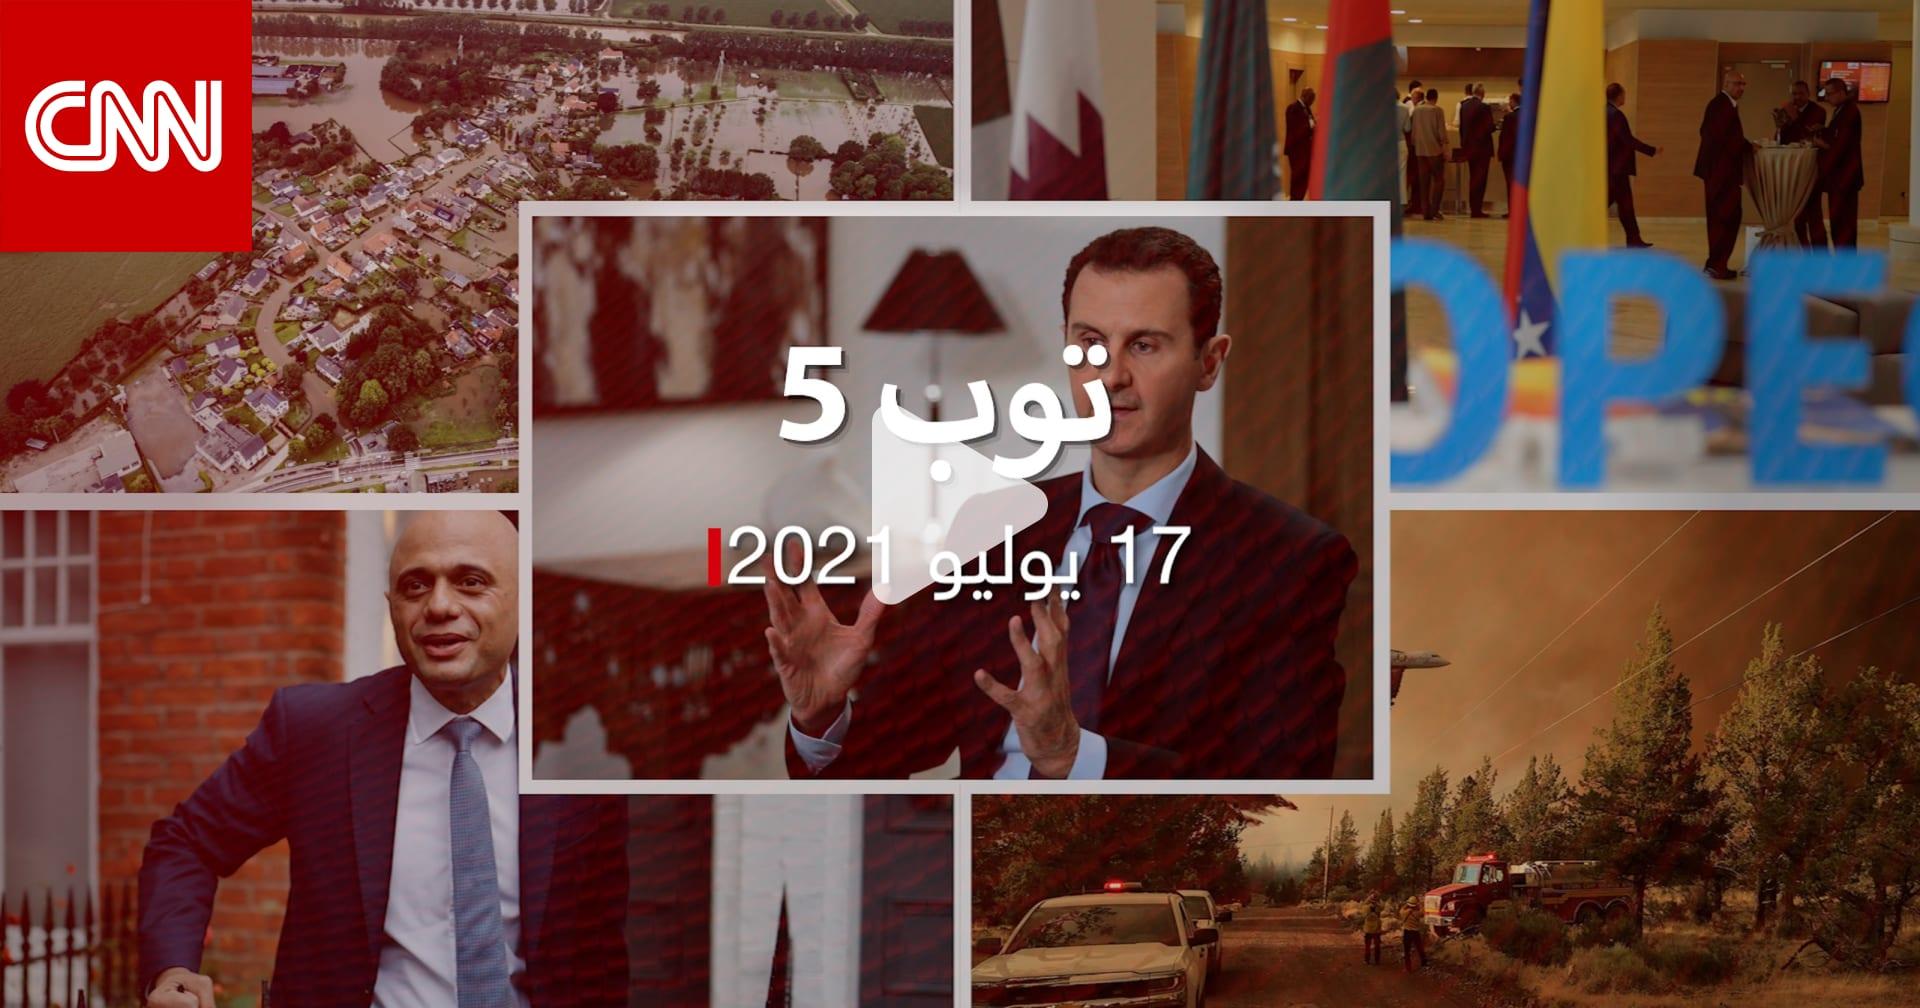 توب 5: الأسد يؤدي قسم رئاسة سوريا.. وتداعيات مأساوية لفيضانات أوروبا